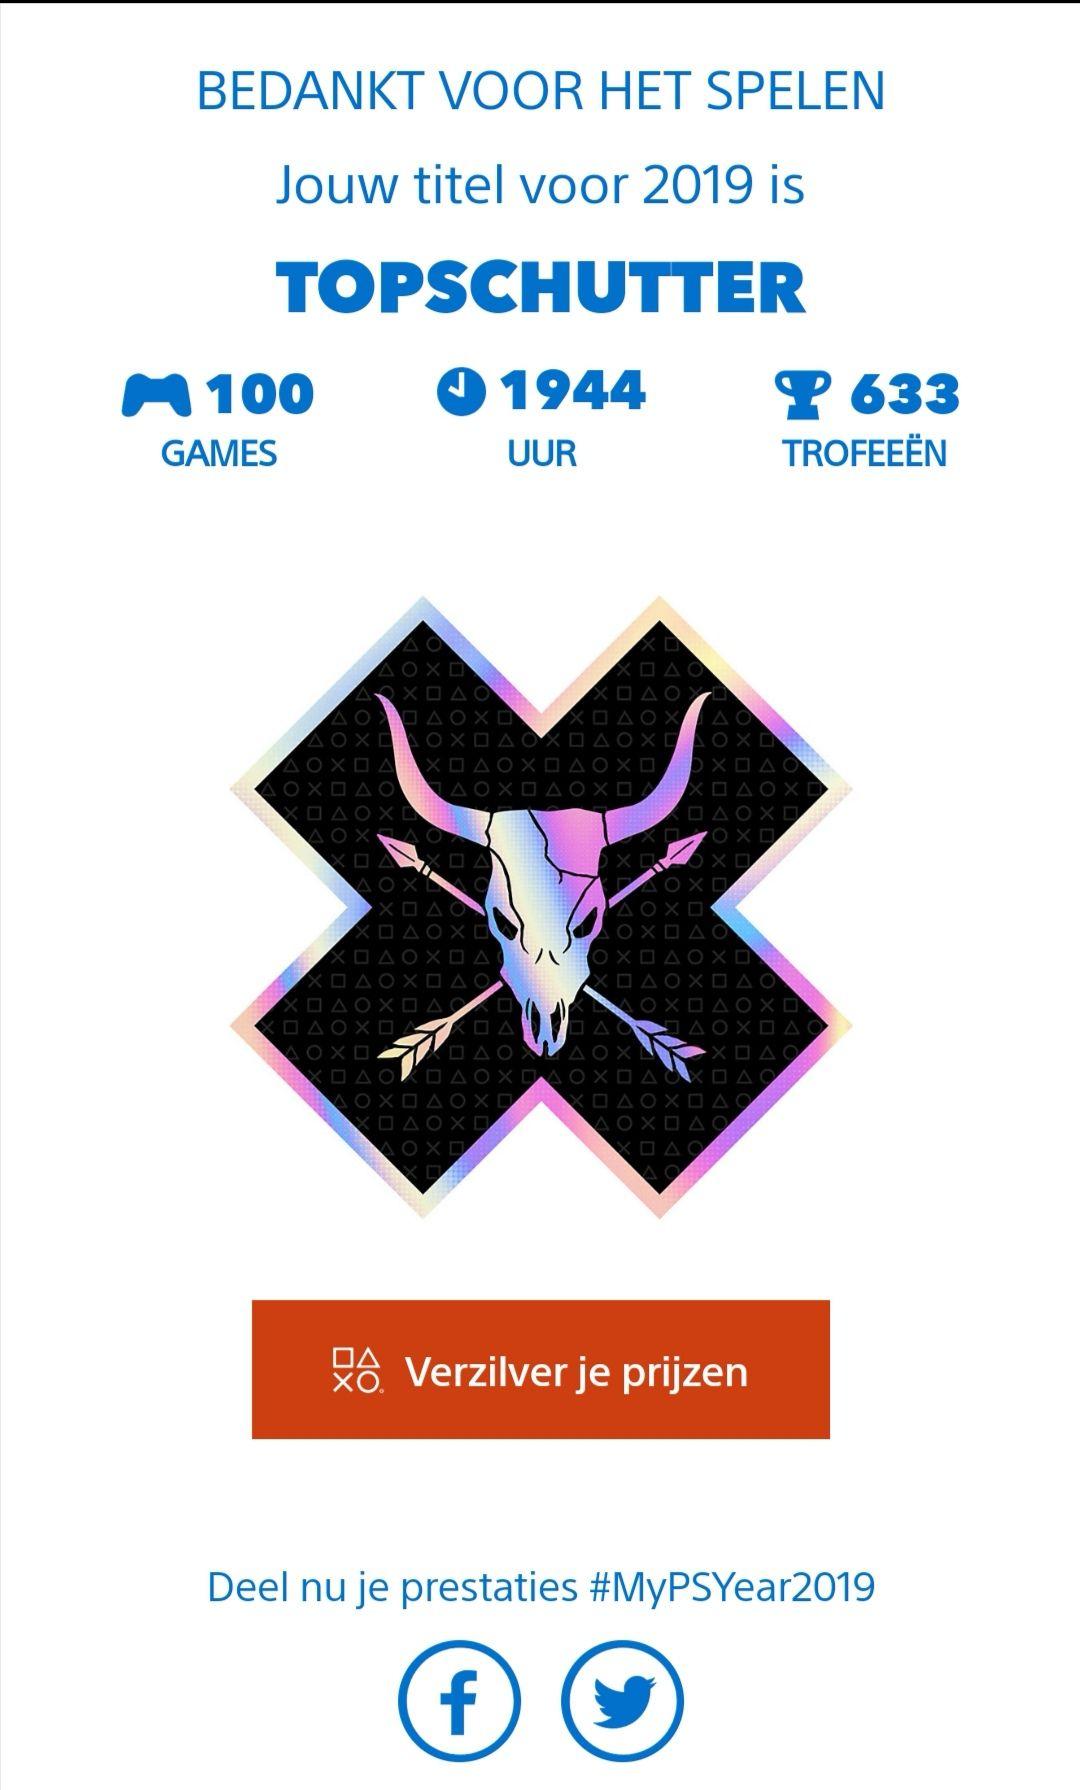 131889-WxRFA.jpg